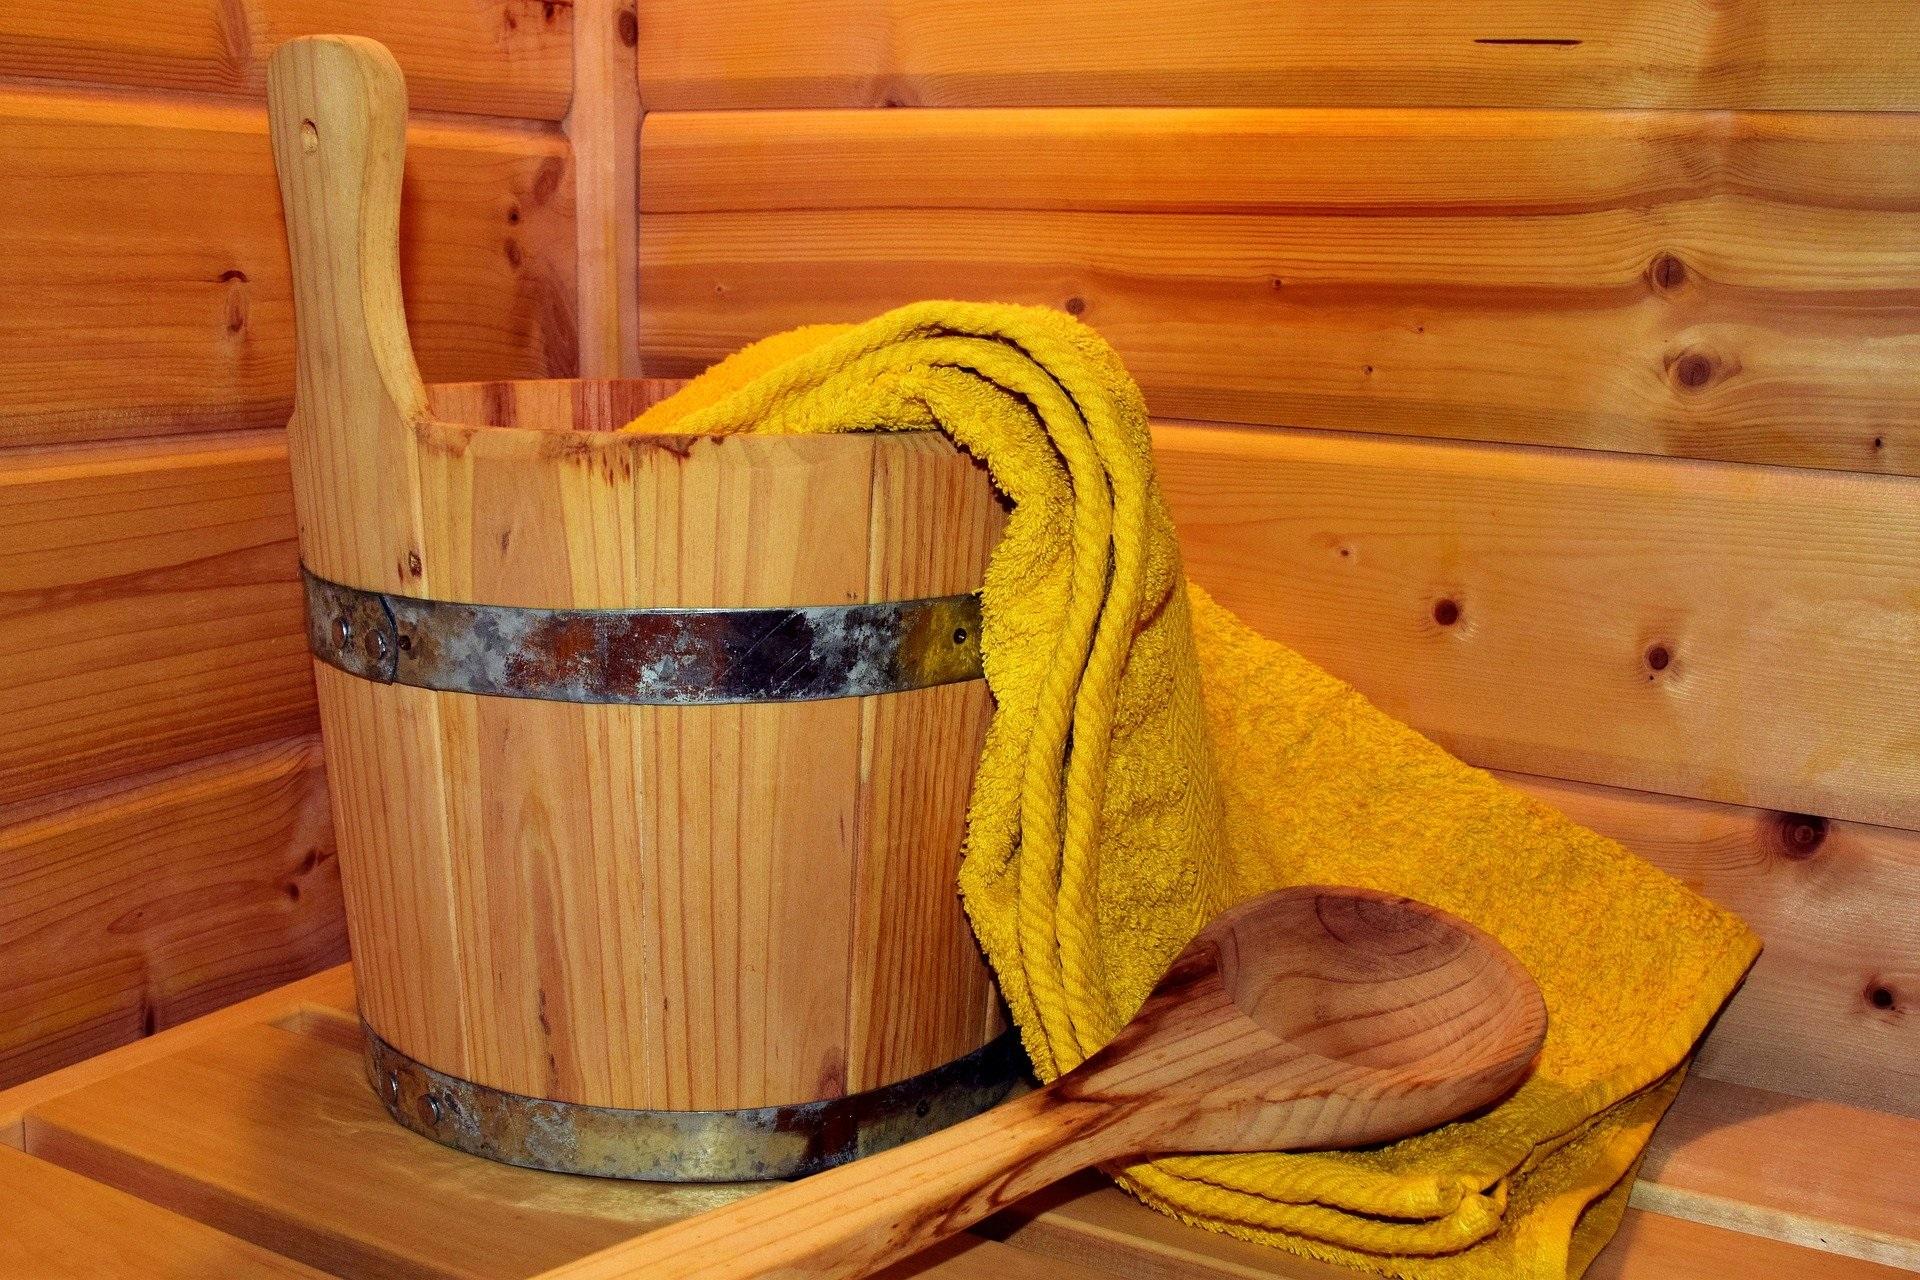 MarkenNews: Saunaanlagen-Hersteller Klafs übernimmt Mehrheit an britischem Schwimmbadbauer